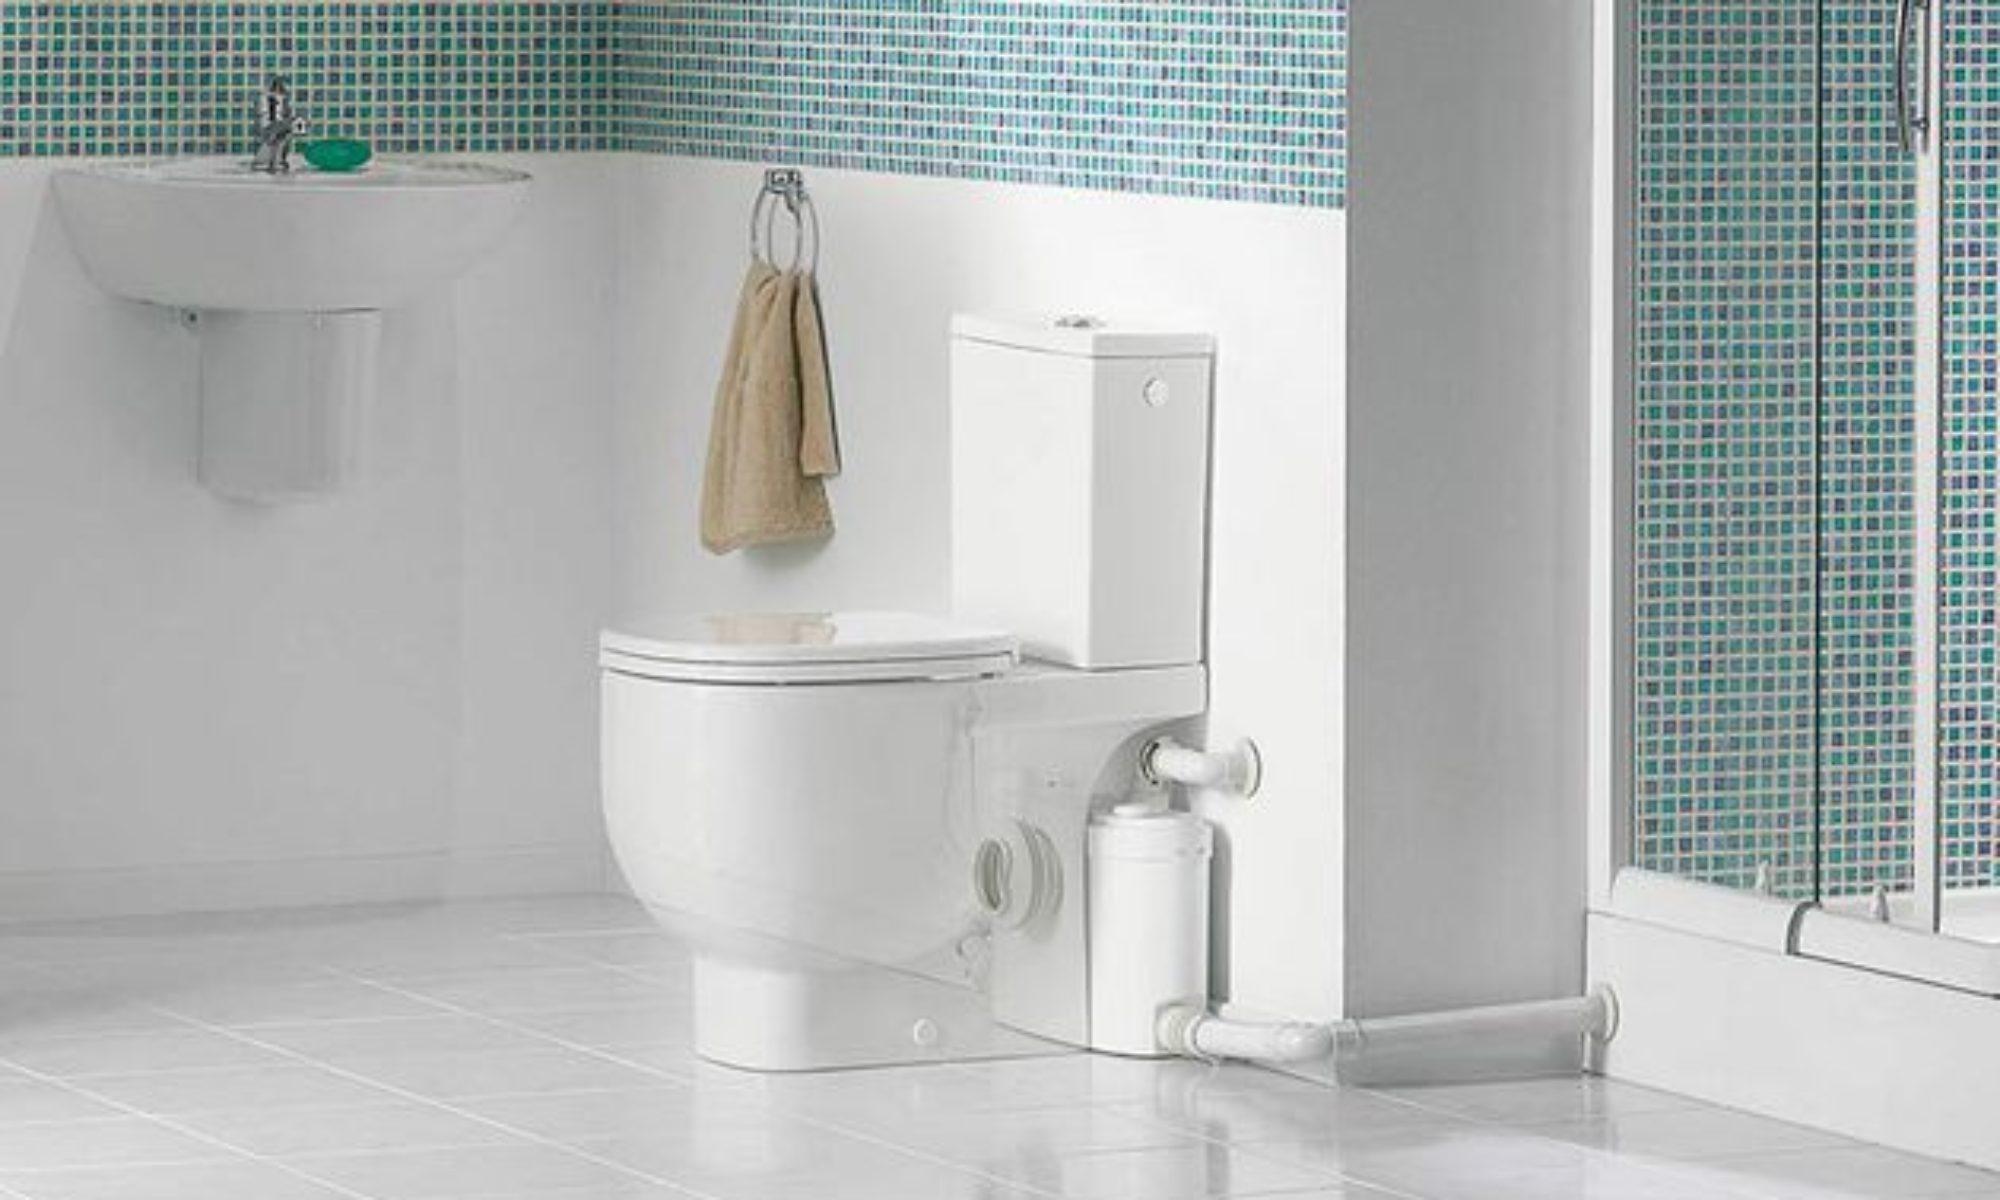 Zou Plombier spécialiste dans la réparation, le dépannage et débouchage WC Sanibroyeur sur Paris.